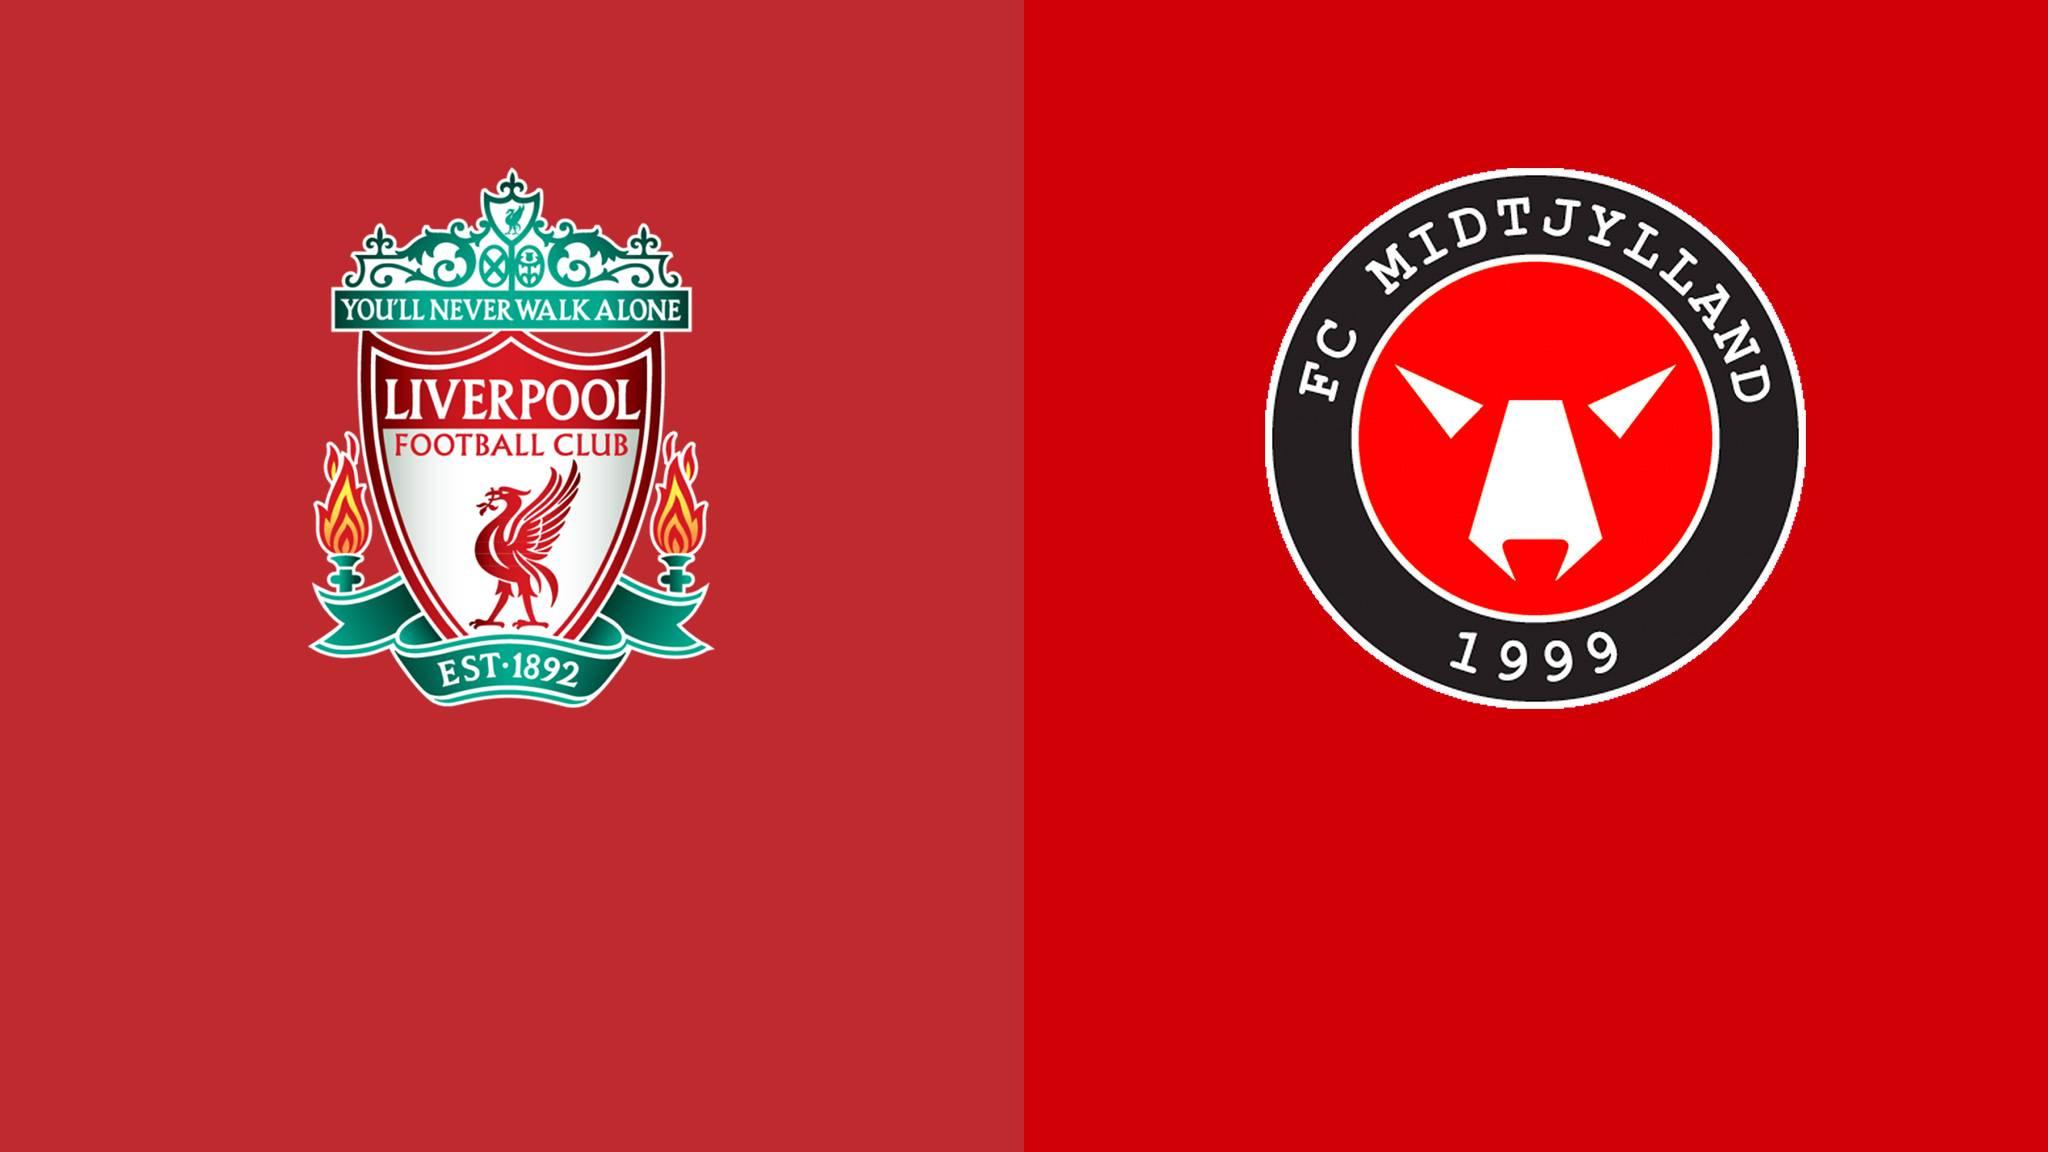 يلا شوت مباراة ليفربول ومتيولاند مباشر 27-10-2020 والقنوات الناقلة ضمن دوري أبطال أوروبا